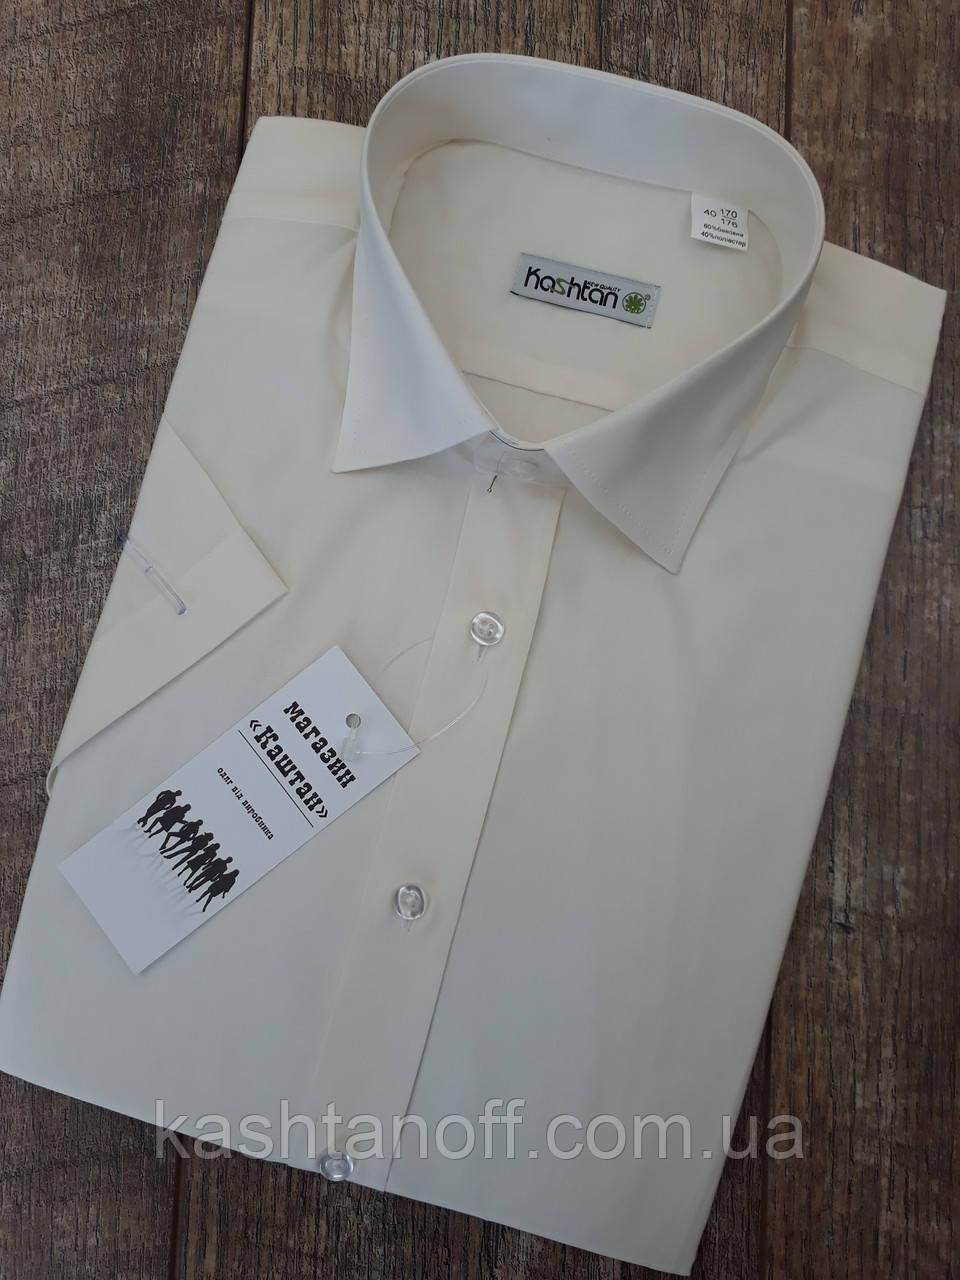 66884cf5942 Мужская рубашка цвета шампань с коротким рукавом - Интернет-магазин КАШТАН  Мужская